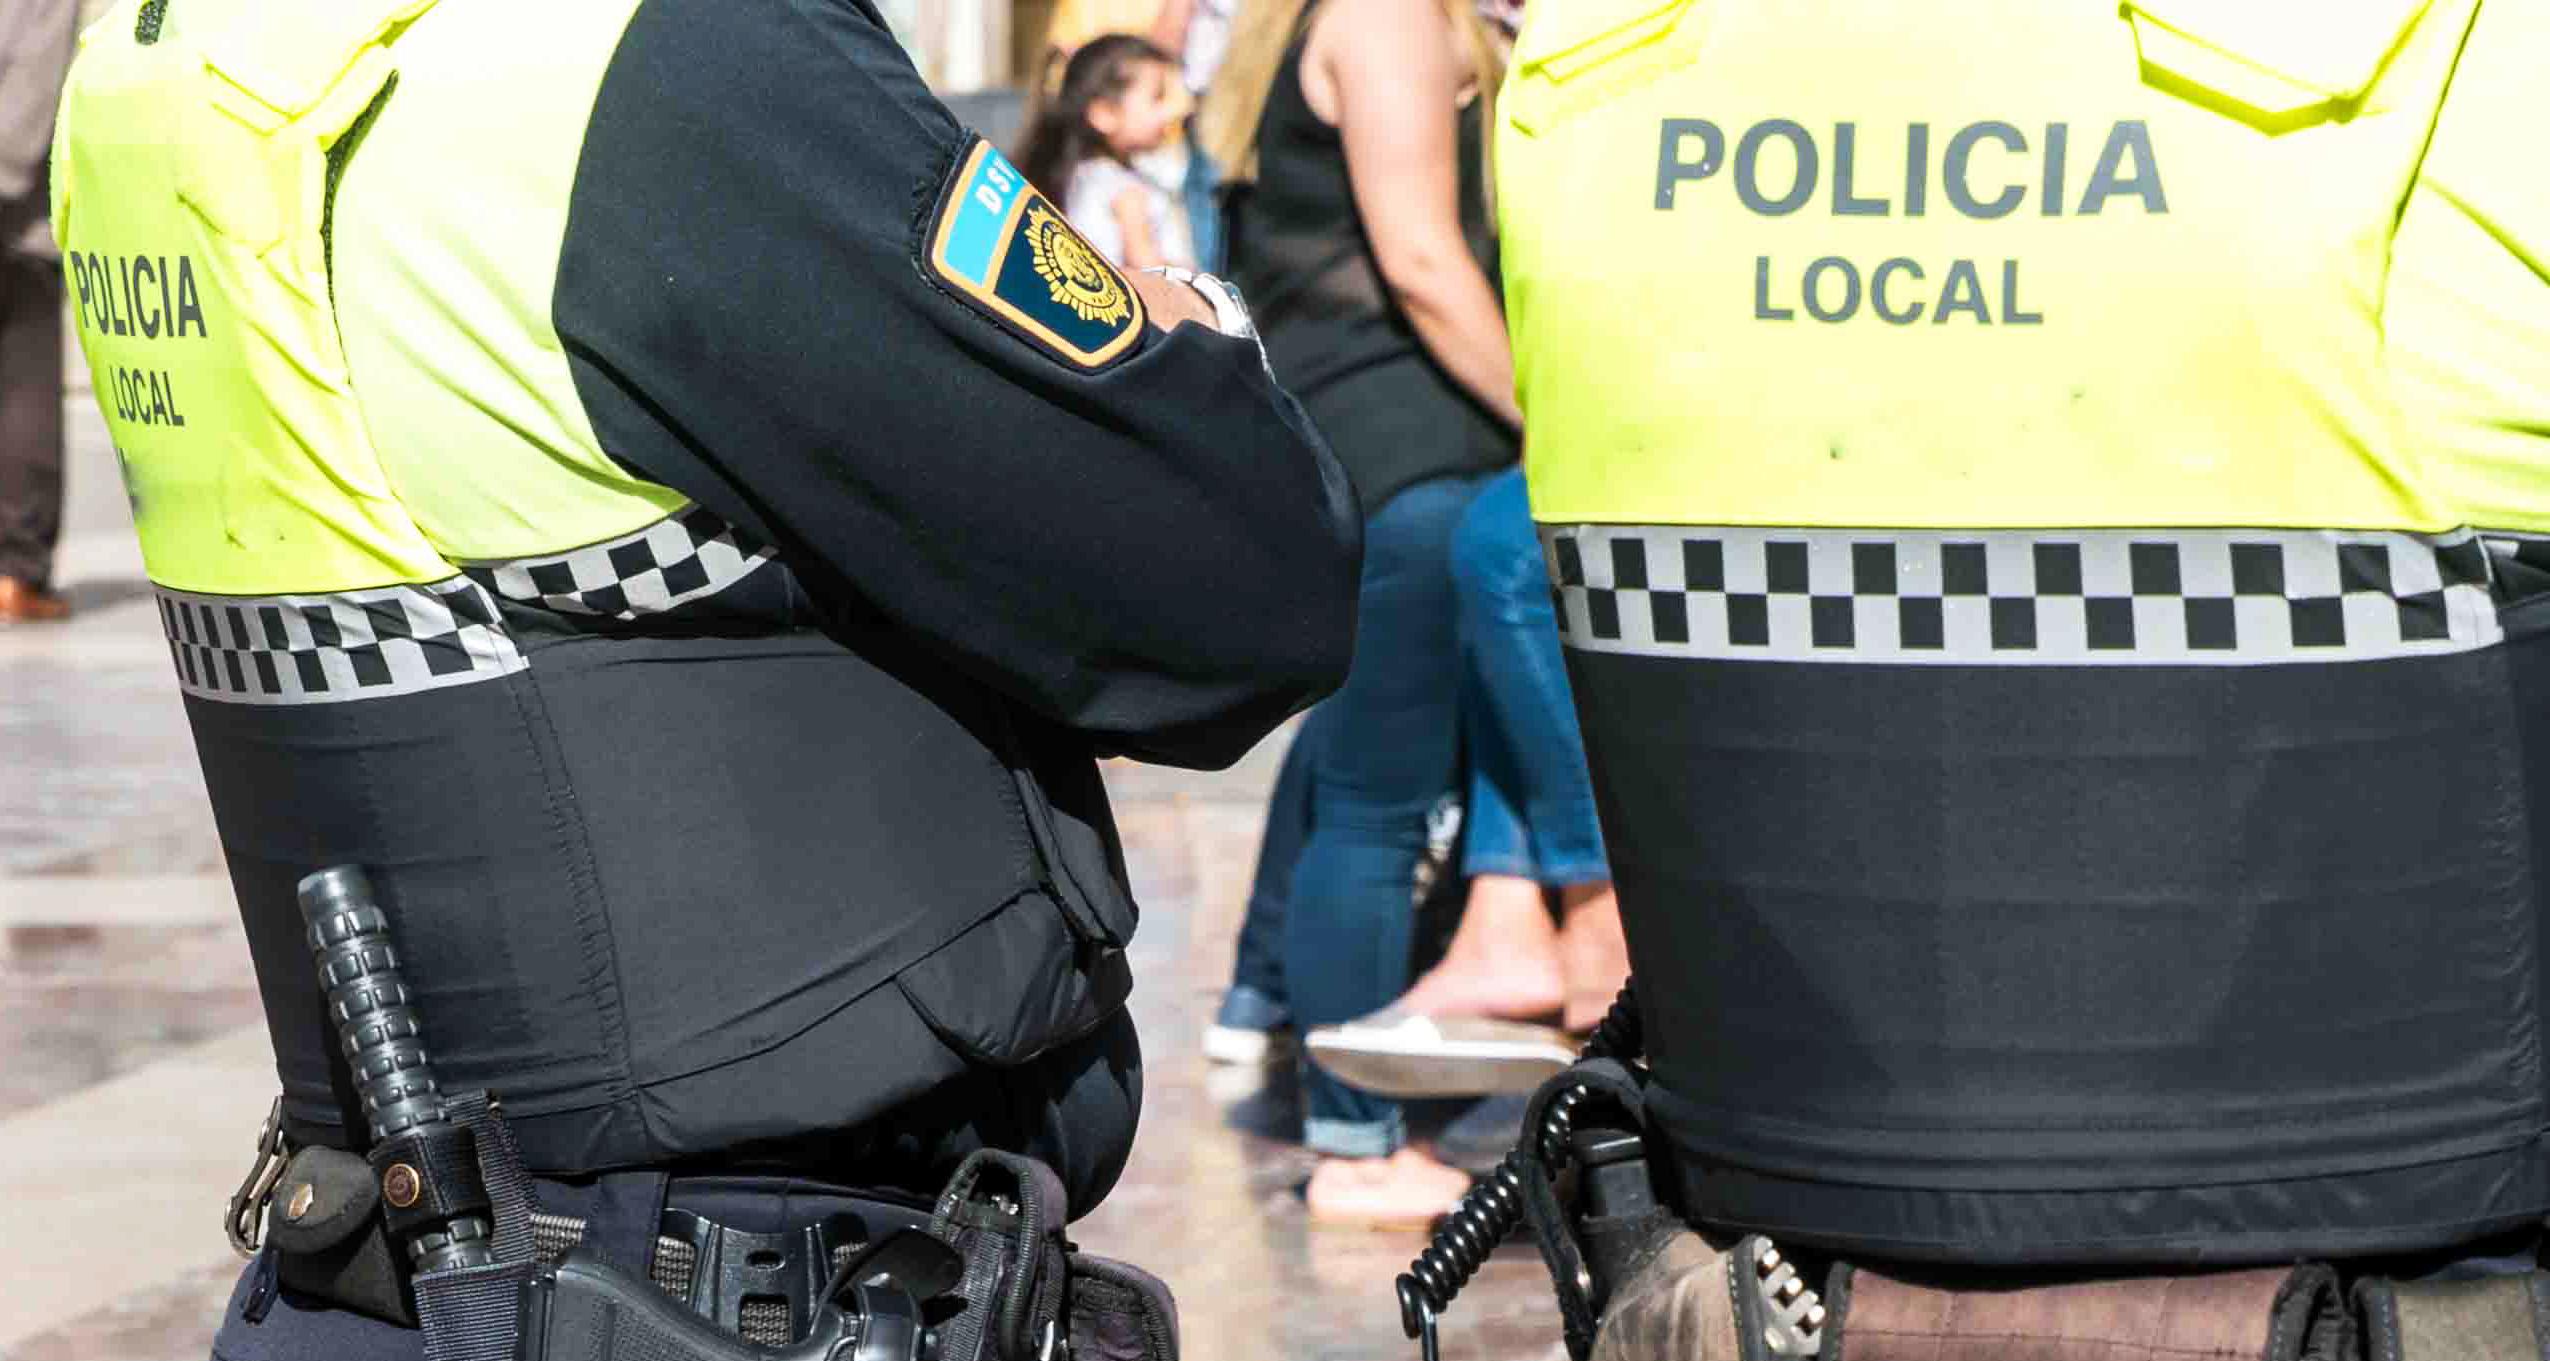 Presenta solicitud para Policía en el Ayuntamiento de El Ejido